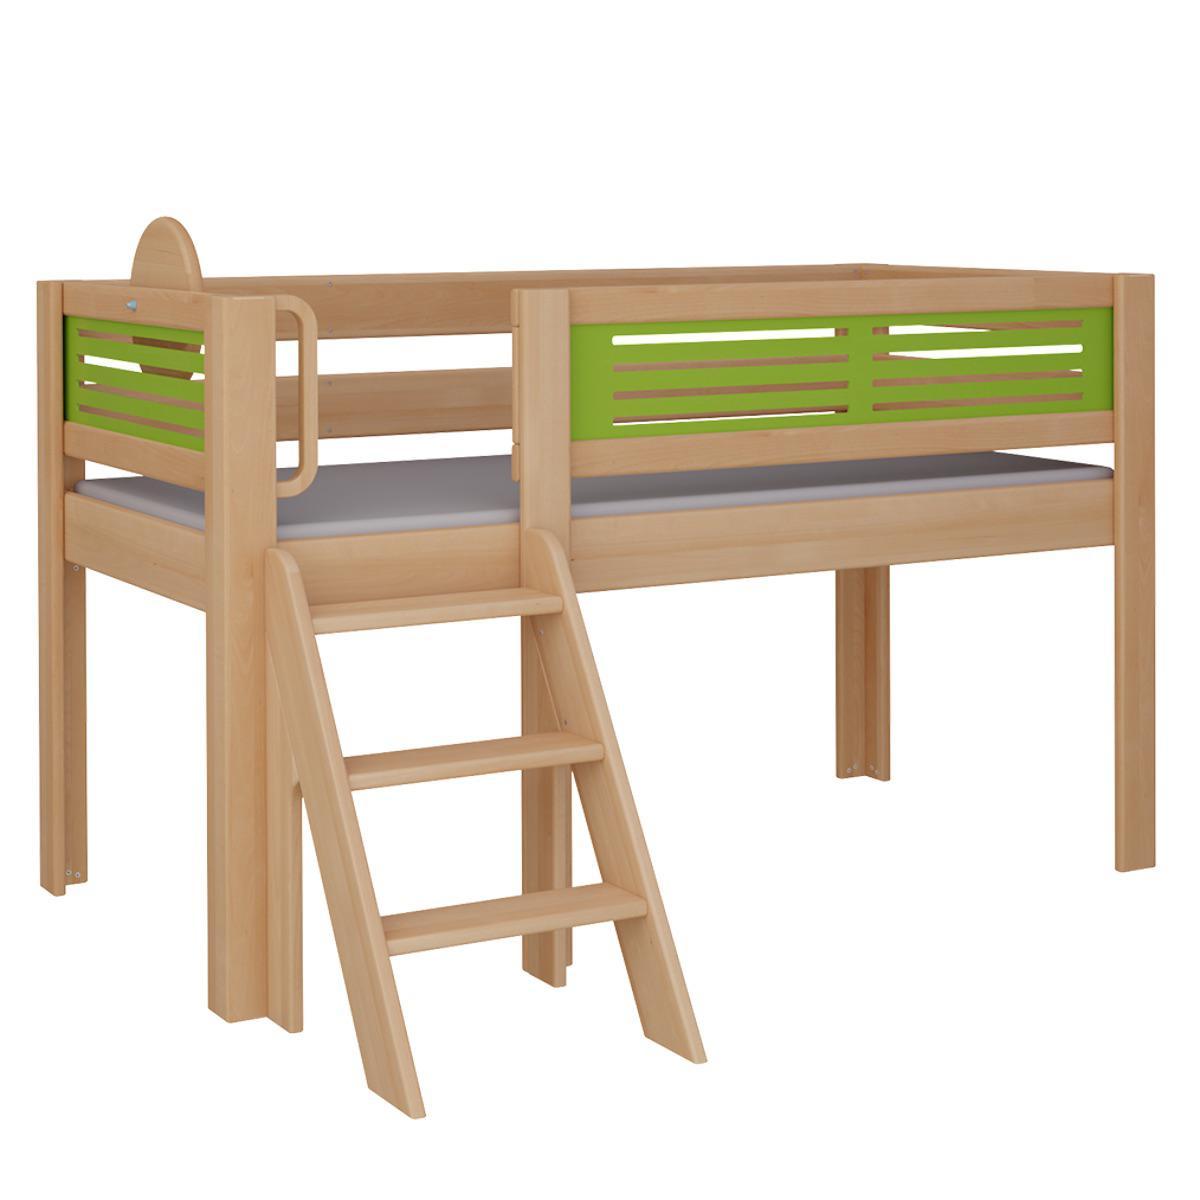 Tatü halbhohes Bett mit Treppe DELUXE De Breuyn natur geölt Füllungen grün